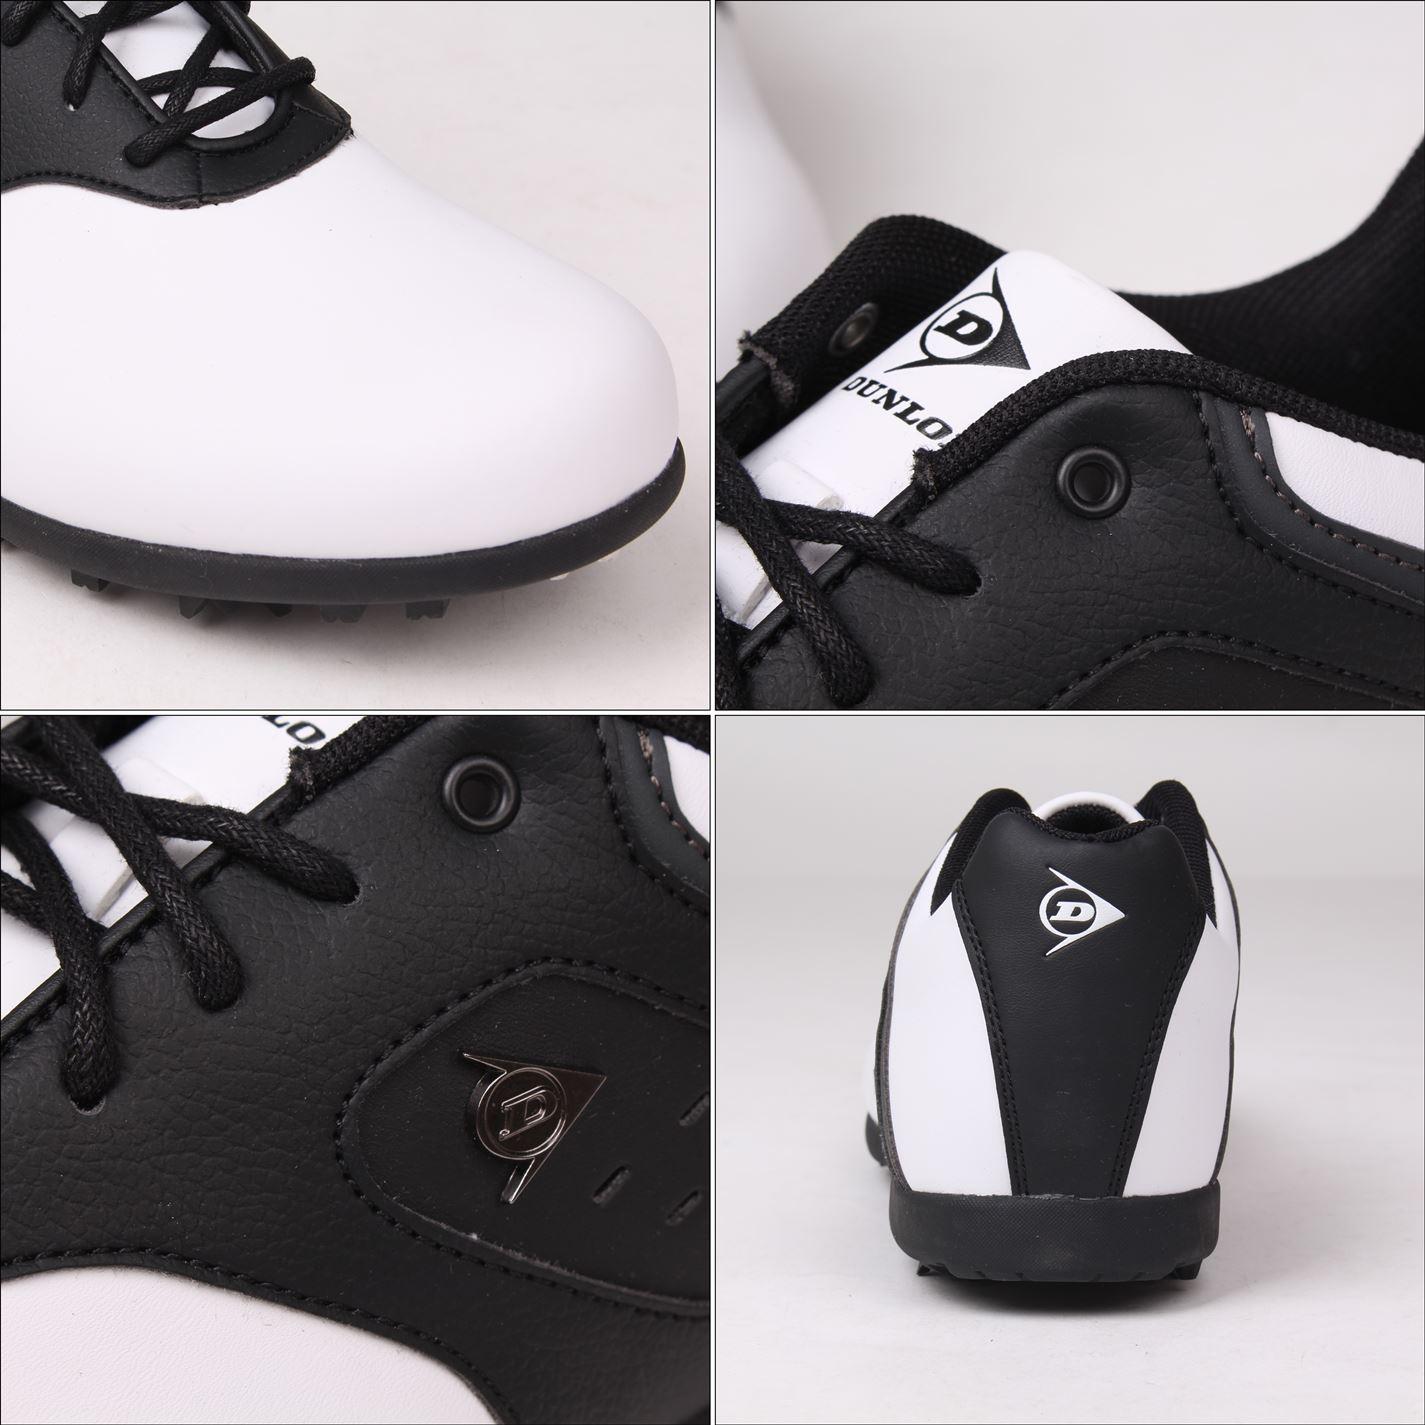 Zapatos de golf dunlop clásicos 02